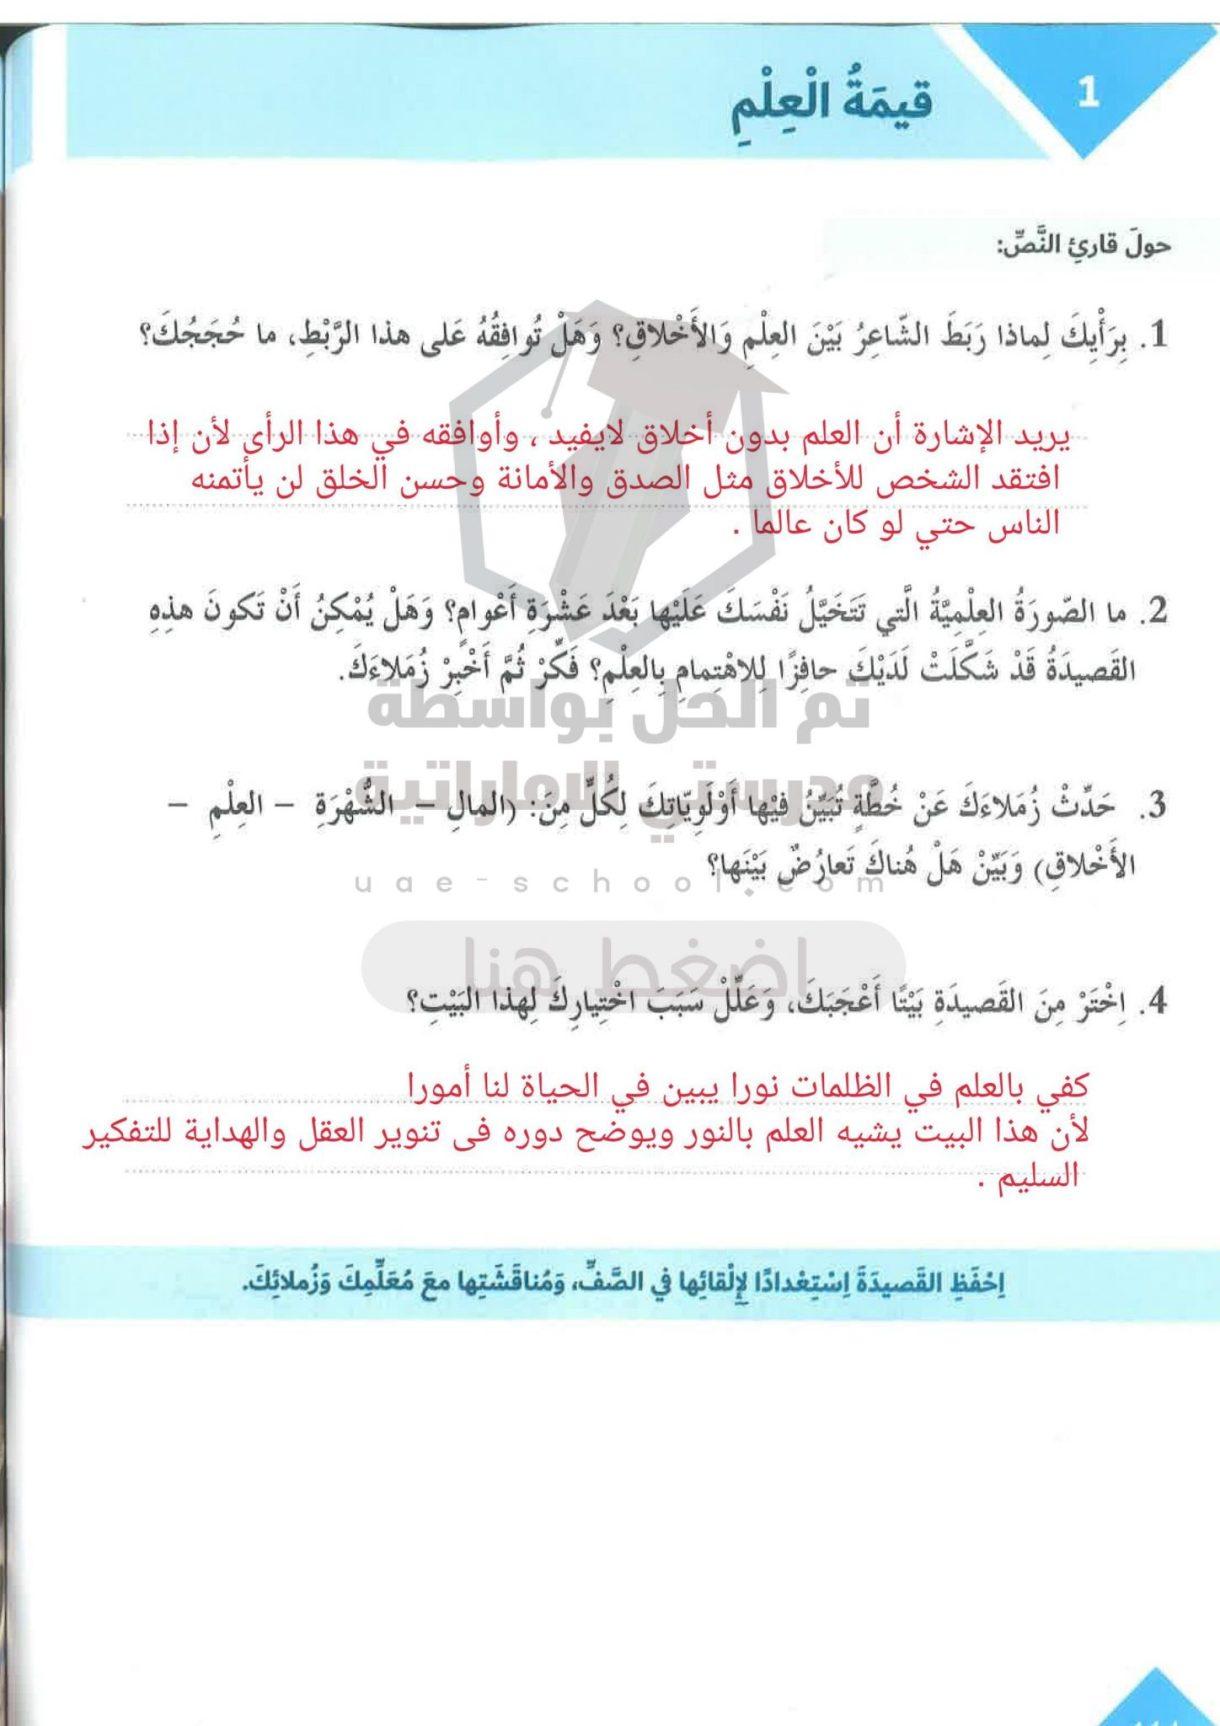 حل درس قيمة العلم لغة عربية الصف السادس الفصل الثالث